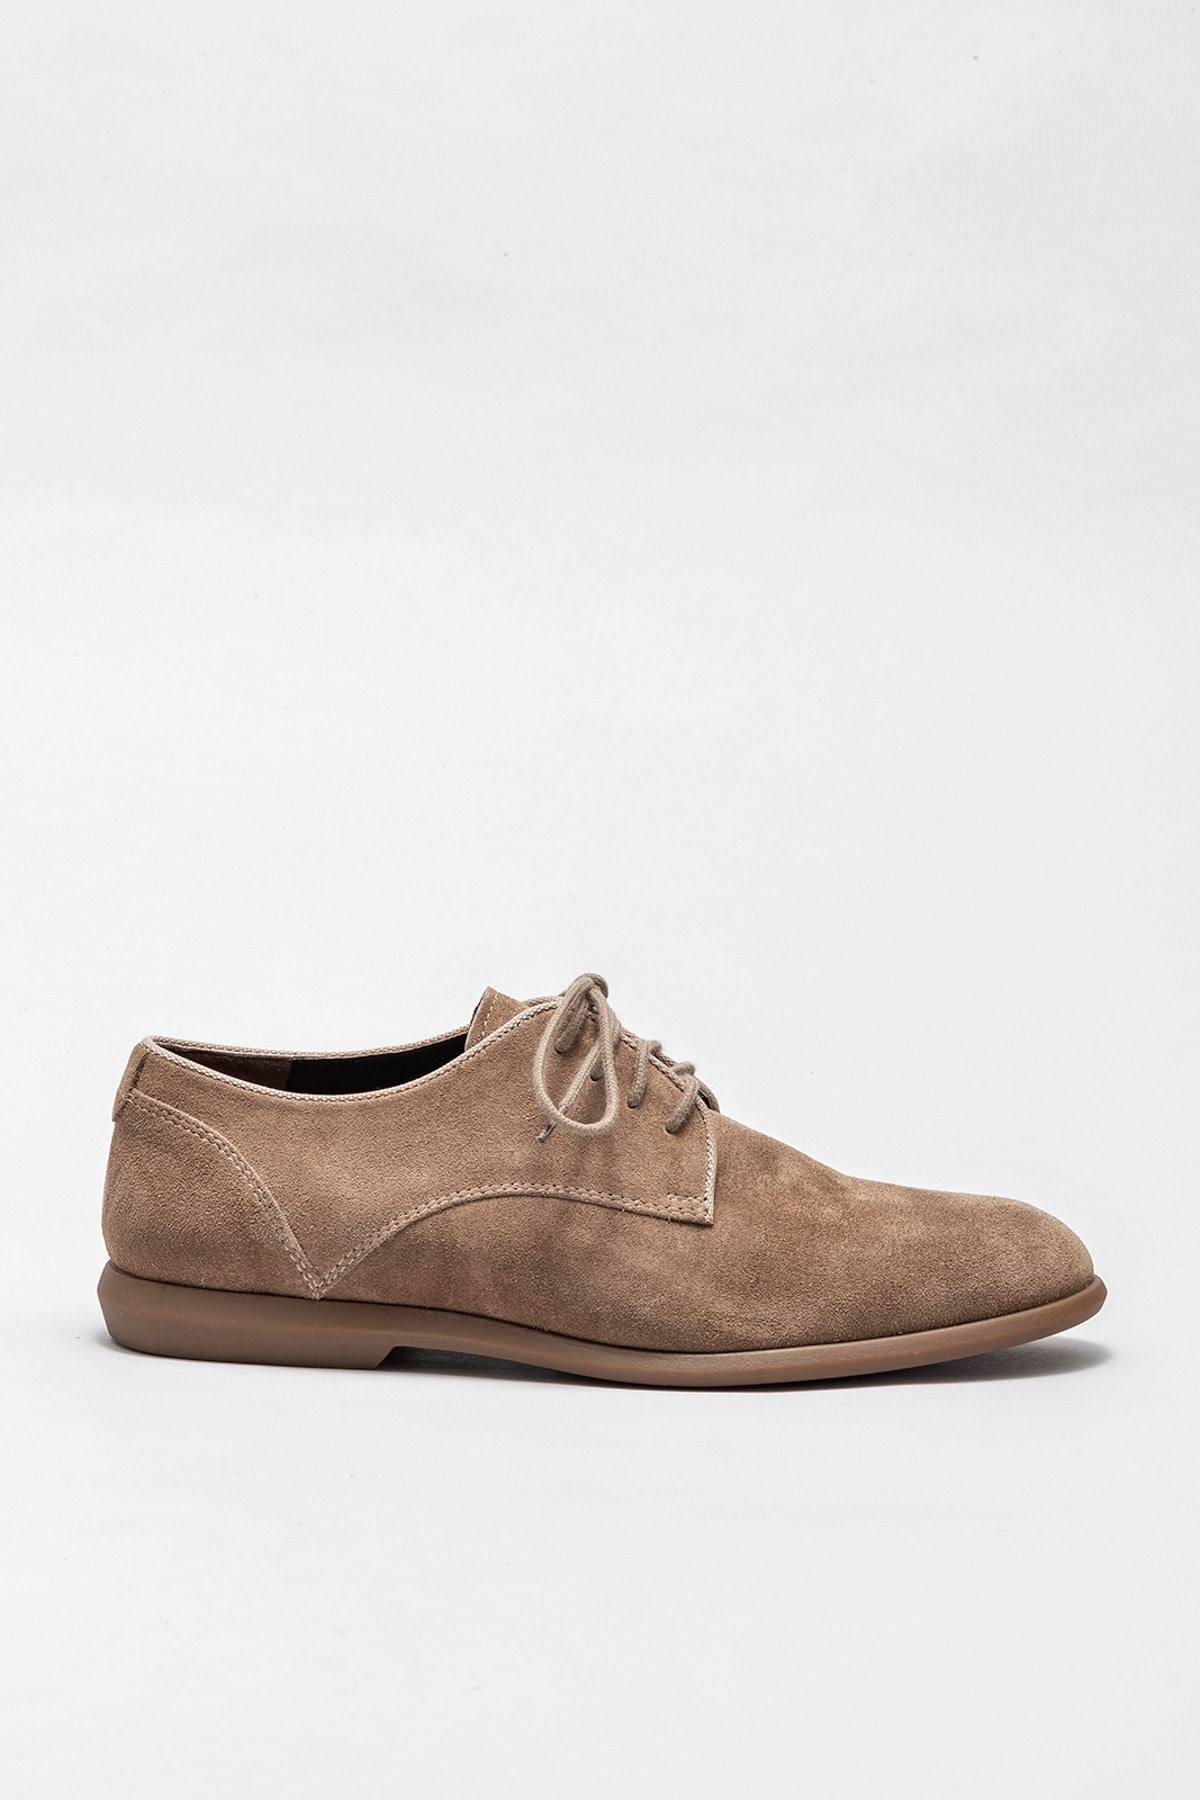 Elle Shoes Erkek CADDA Casual Ayakkabı 20KPAP21710 1